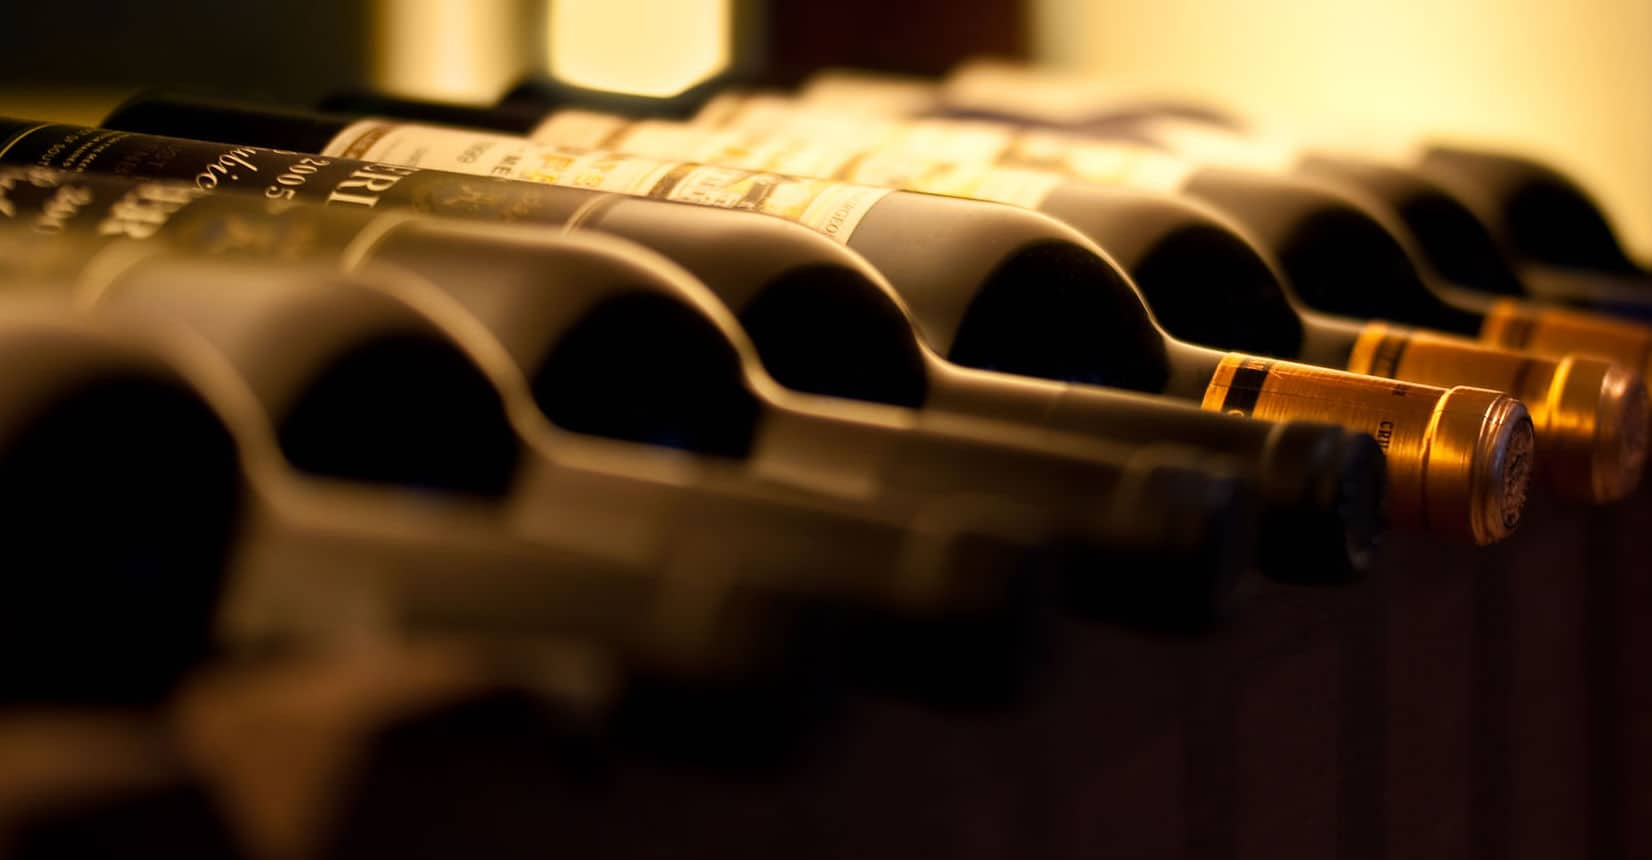 Weinkühlschrank: Test & Empfehlungen (08/20)